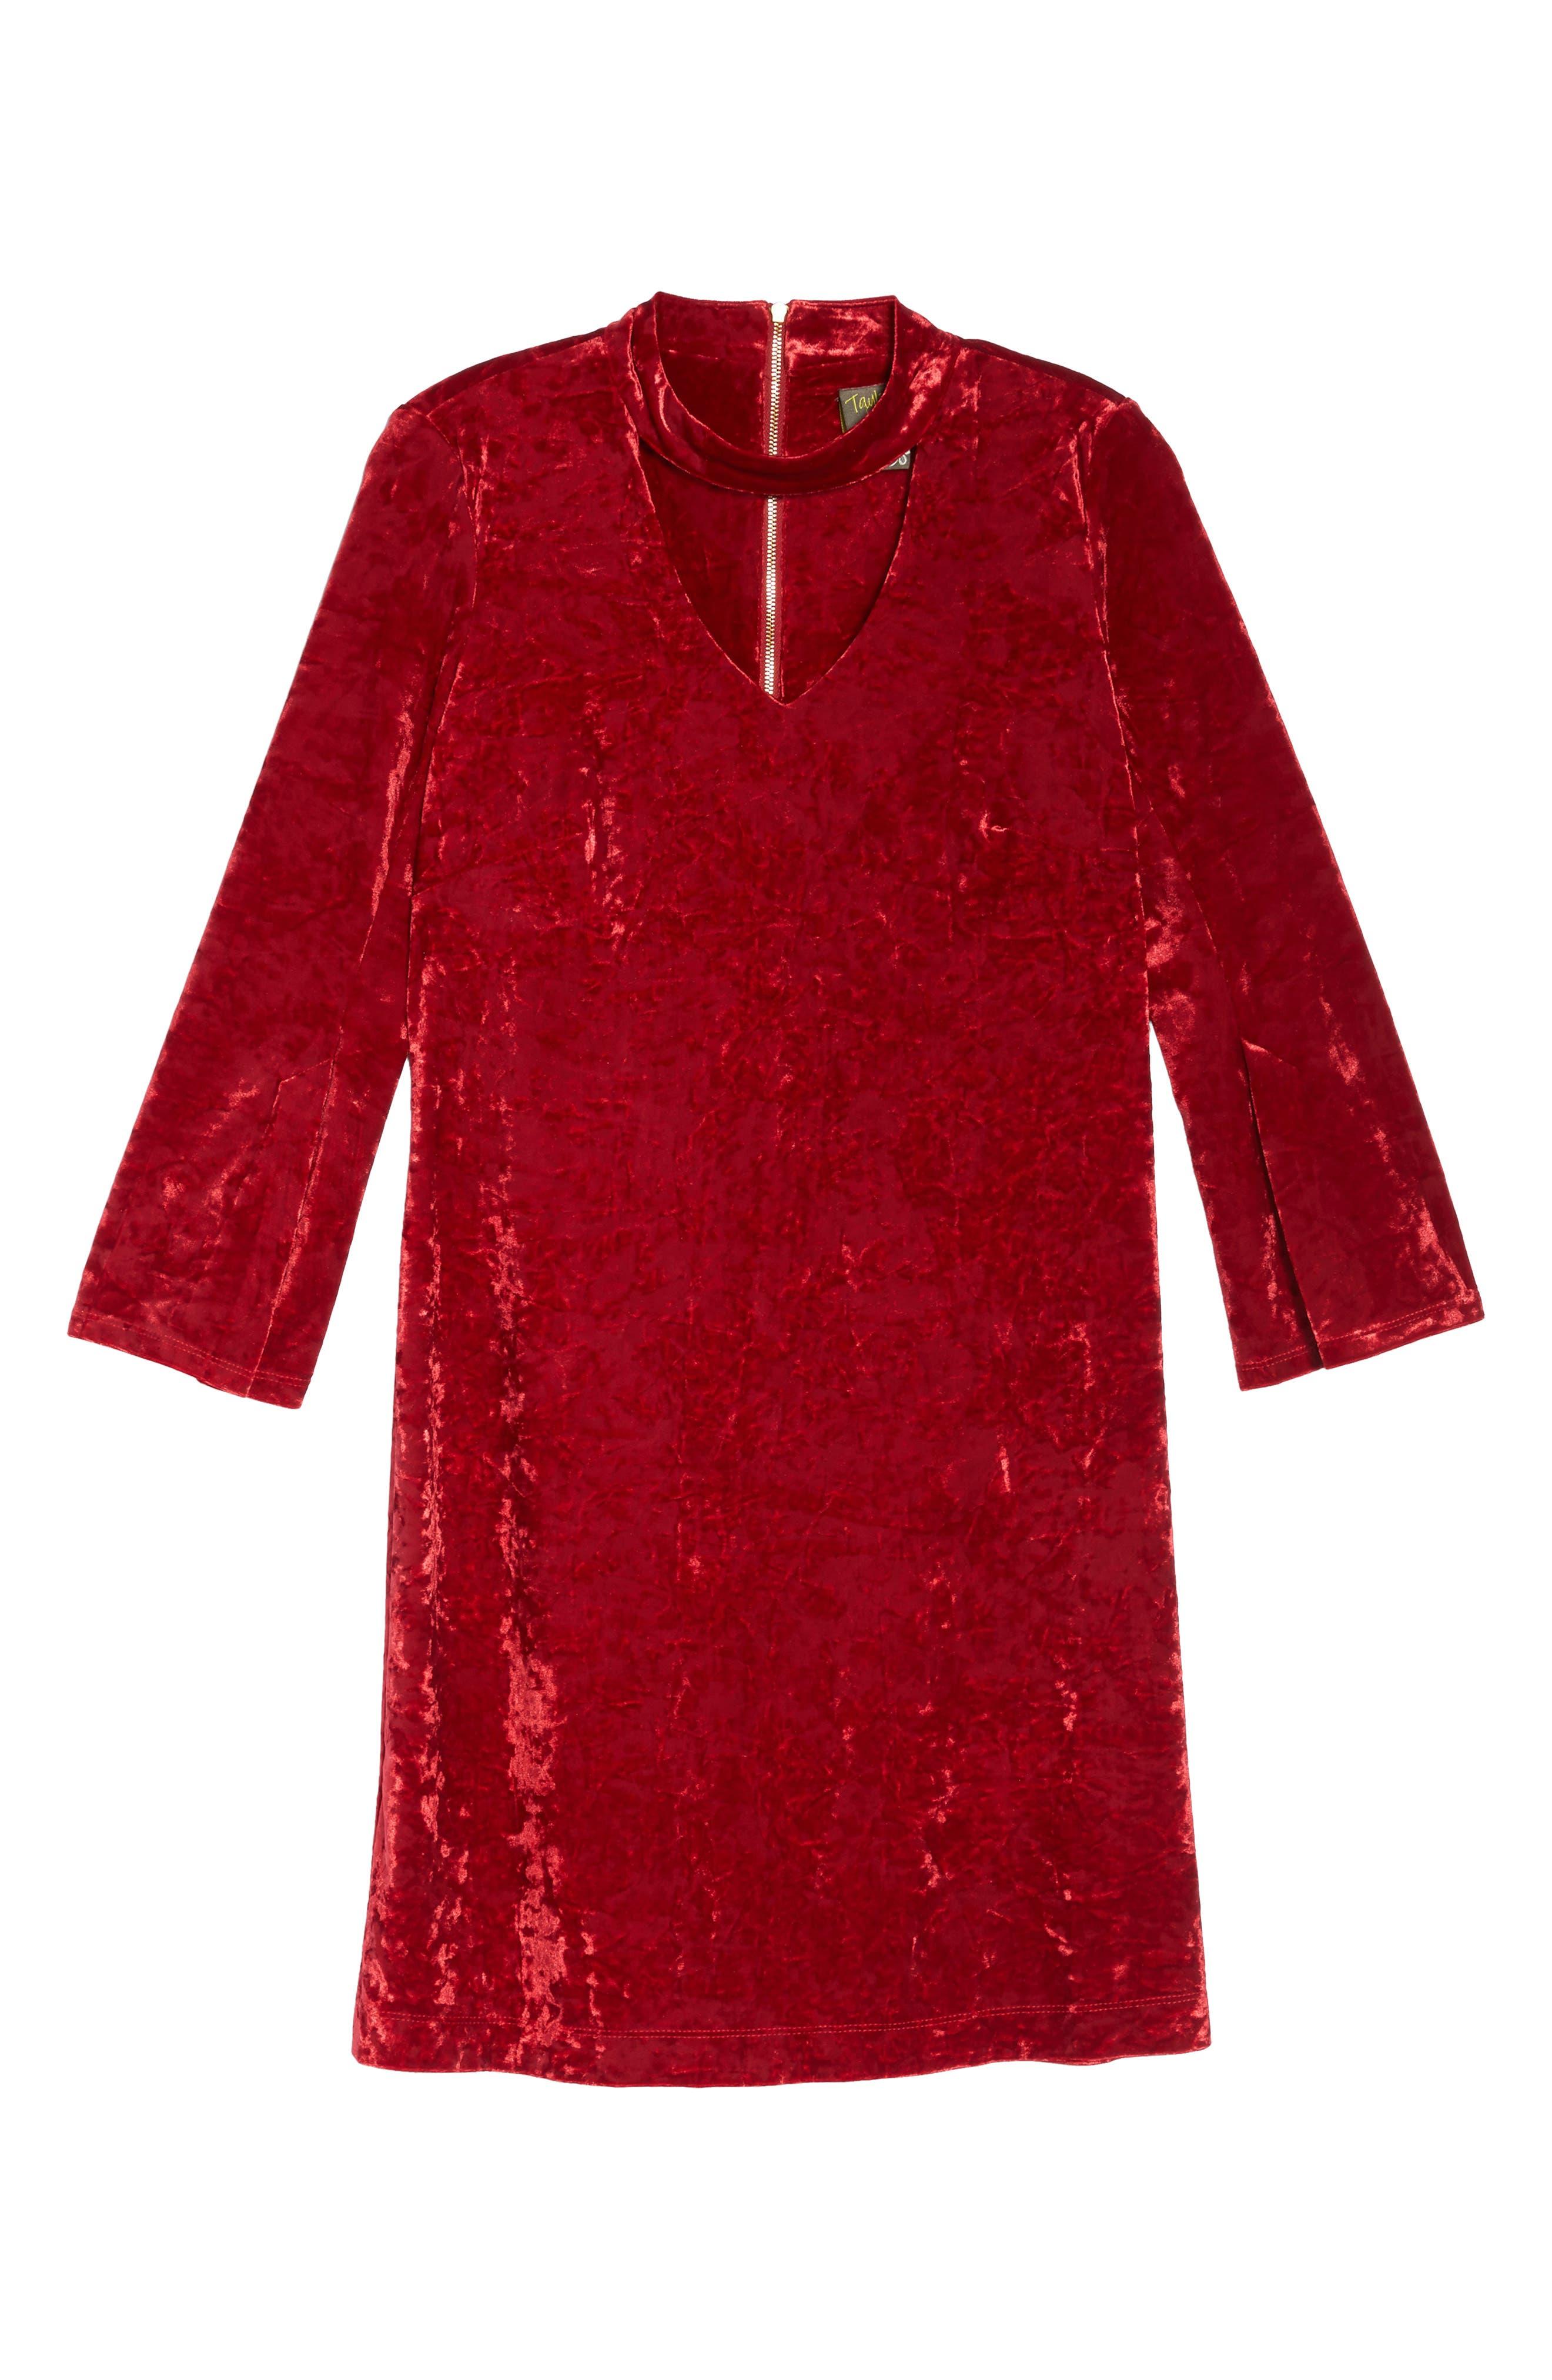 Crushed Velvet Choker Dress,                             Alternate thumbnail 6, color,                             600